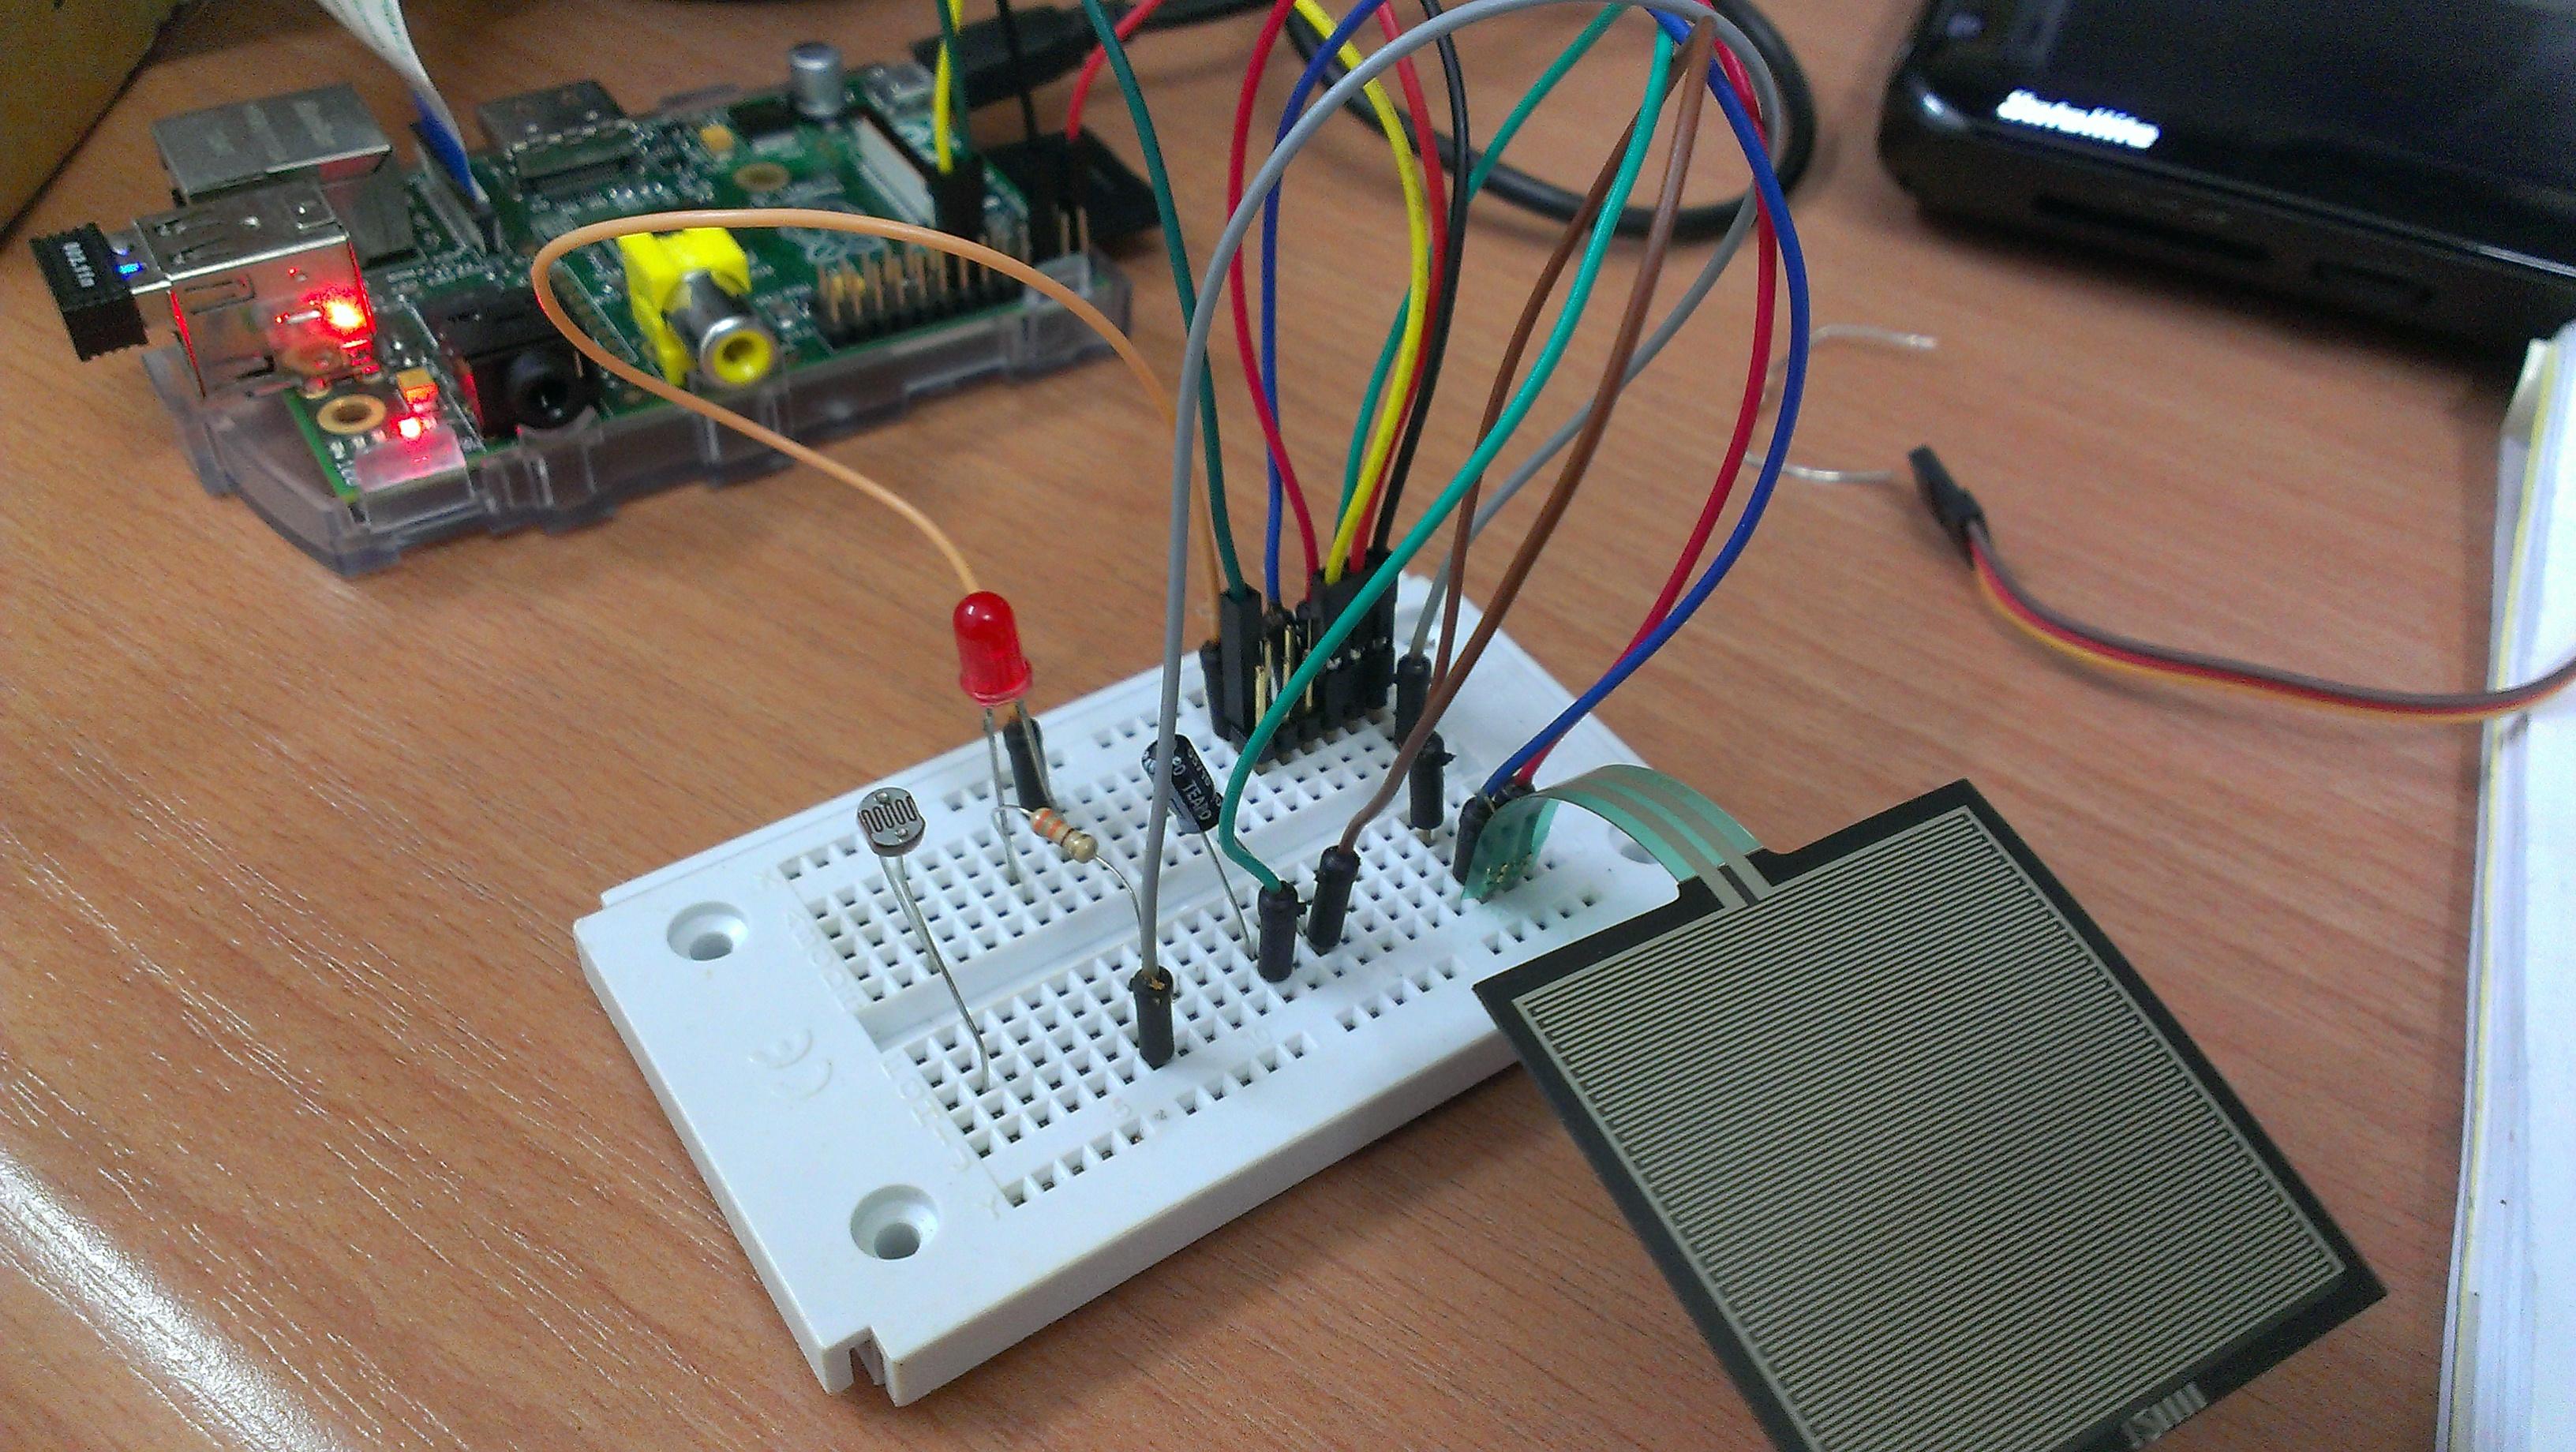 hager rcbo wiring diagram star delta motor control 220v timer compressor